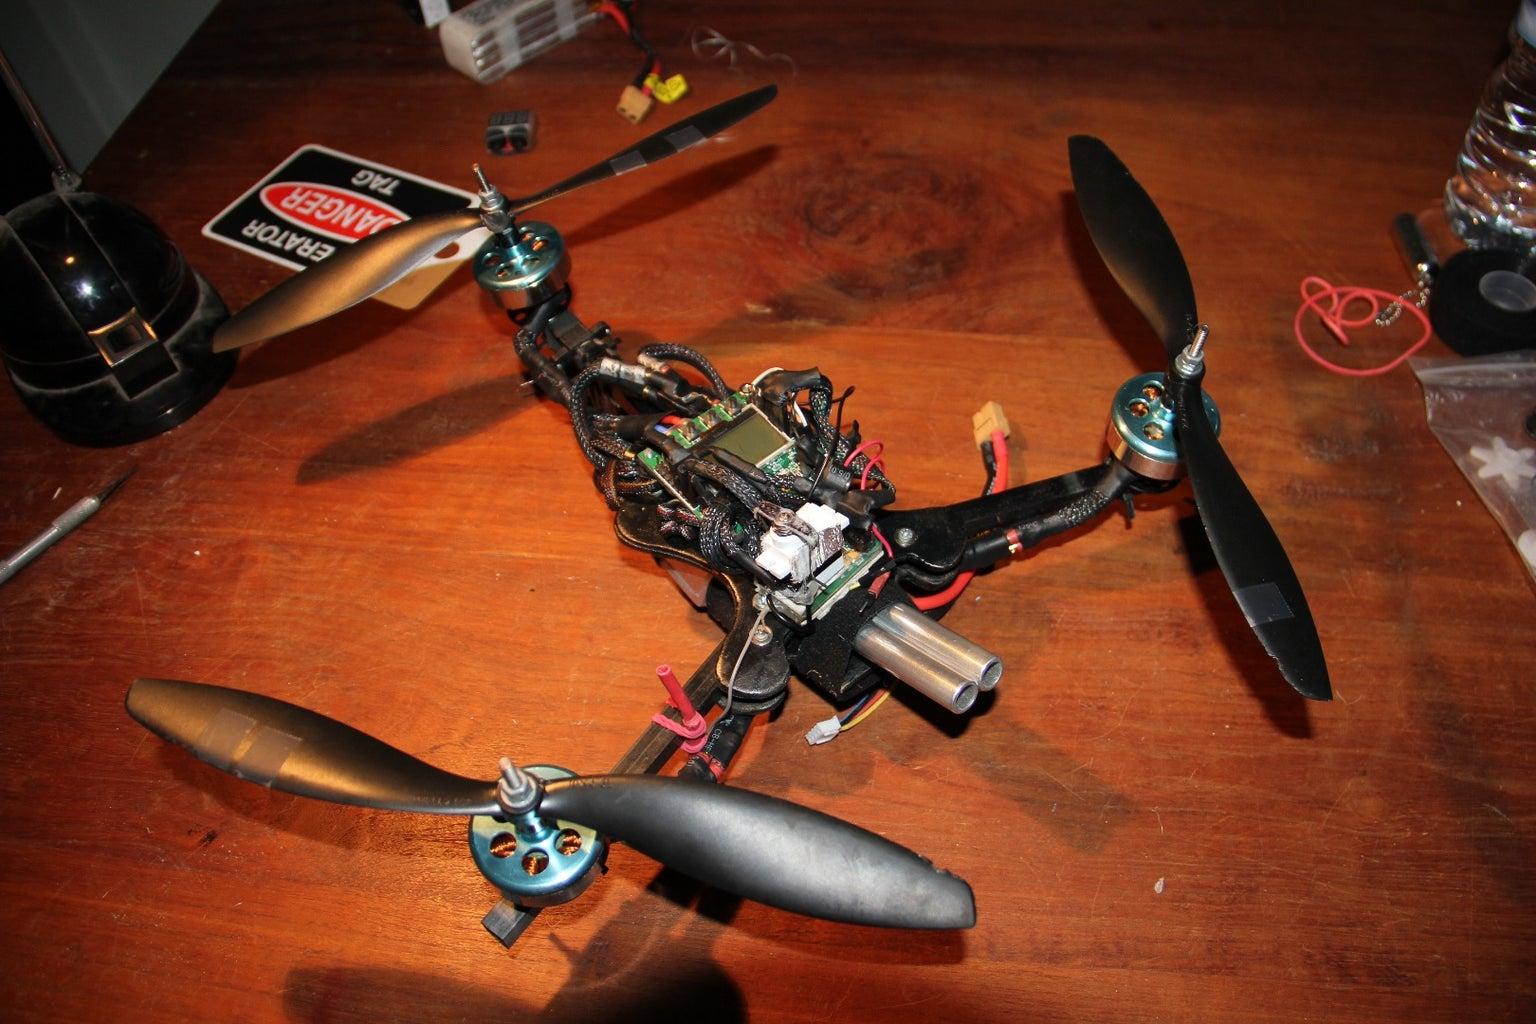 Scratch Built Fireball Shooting Tricopter